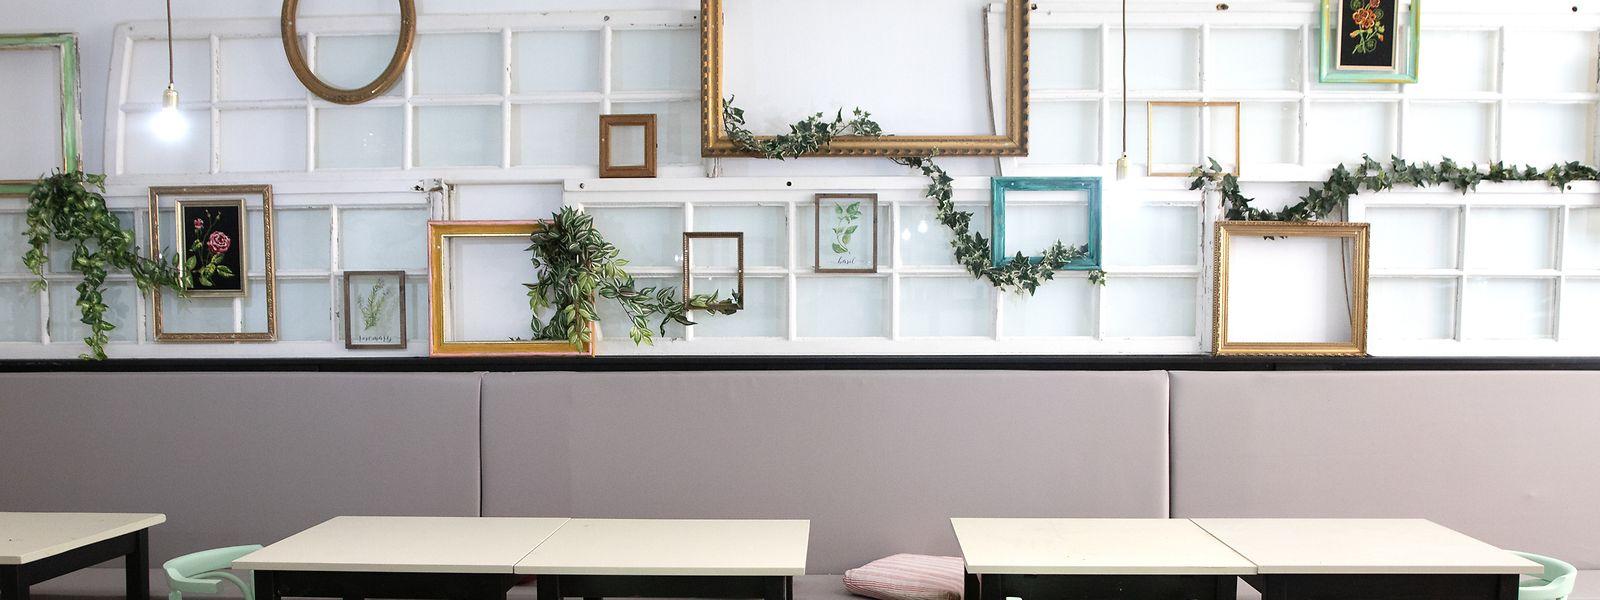 Die Räumlichkeiten des Chiche in Esch wurden von vier Künstlern gestaltet. Bei kulturellen Events in Esch wollen die Verantwortlichen des Restaurants in Zukunft verstärkt Präsenz zeigen.